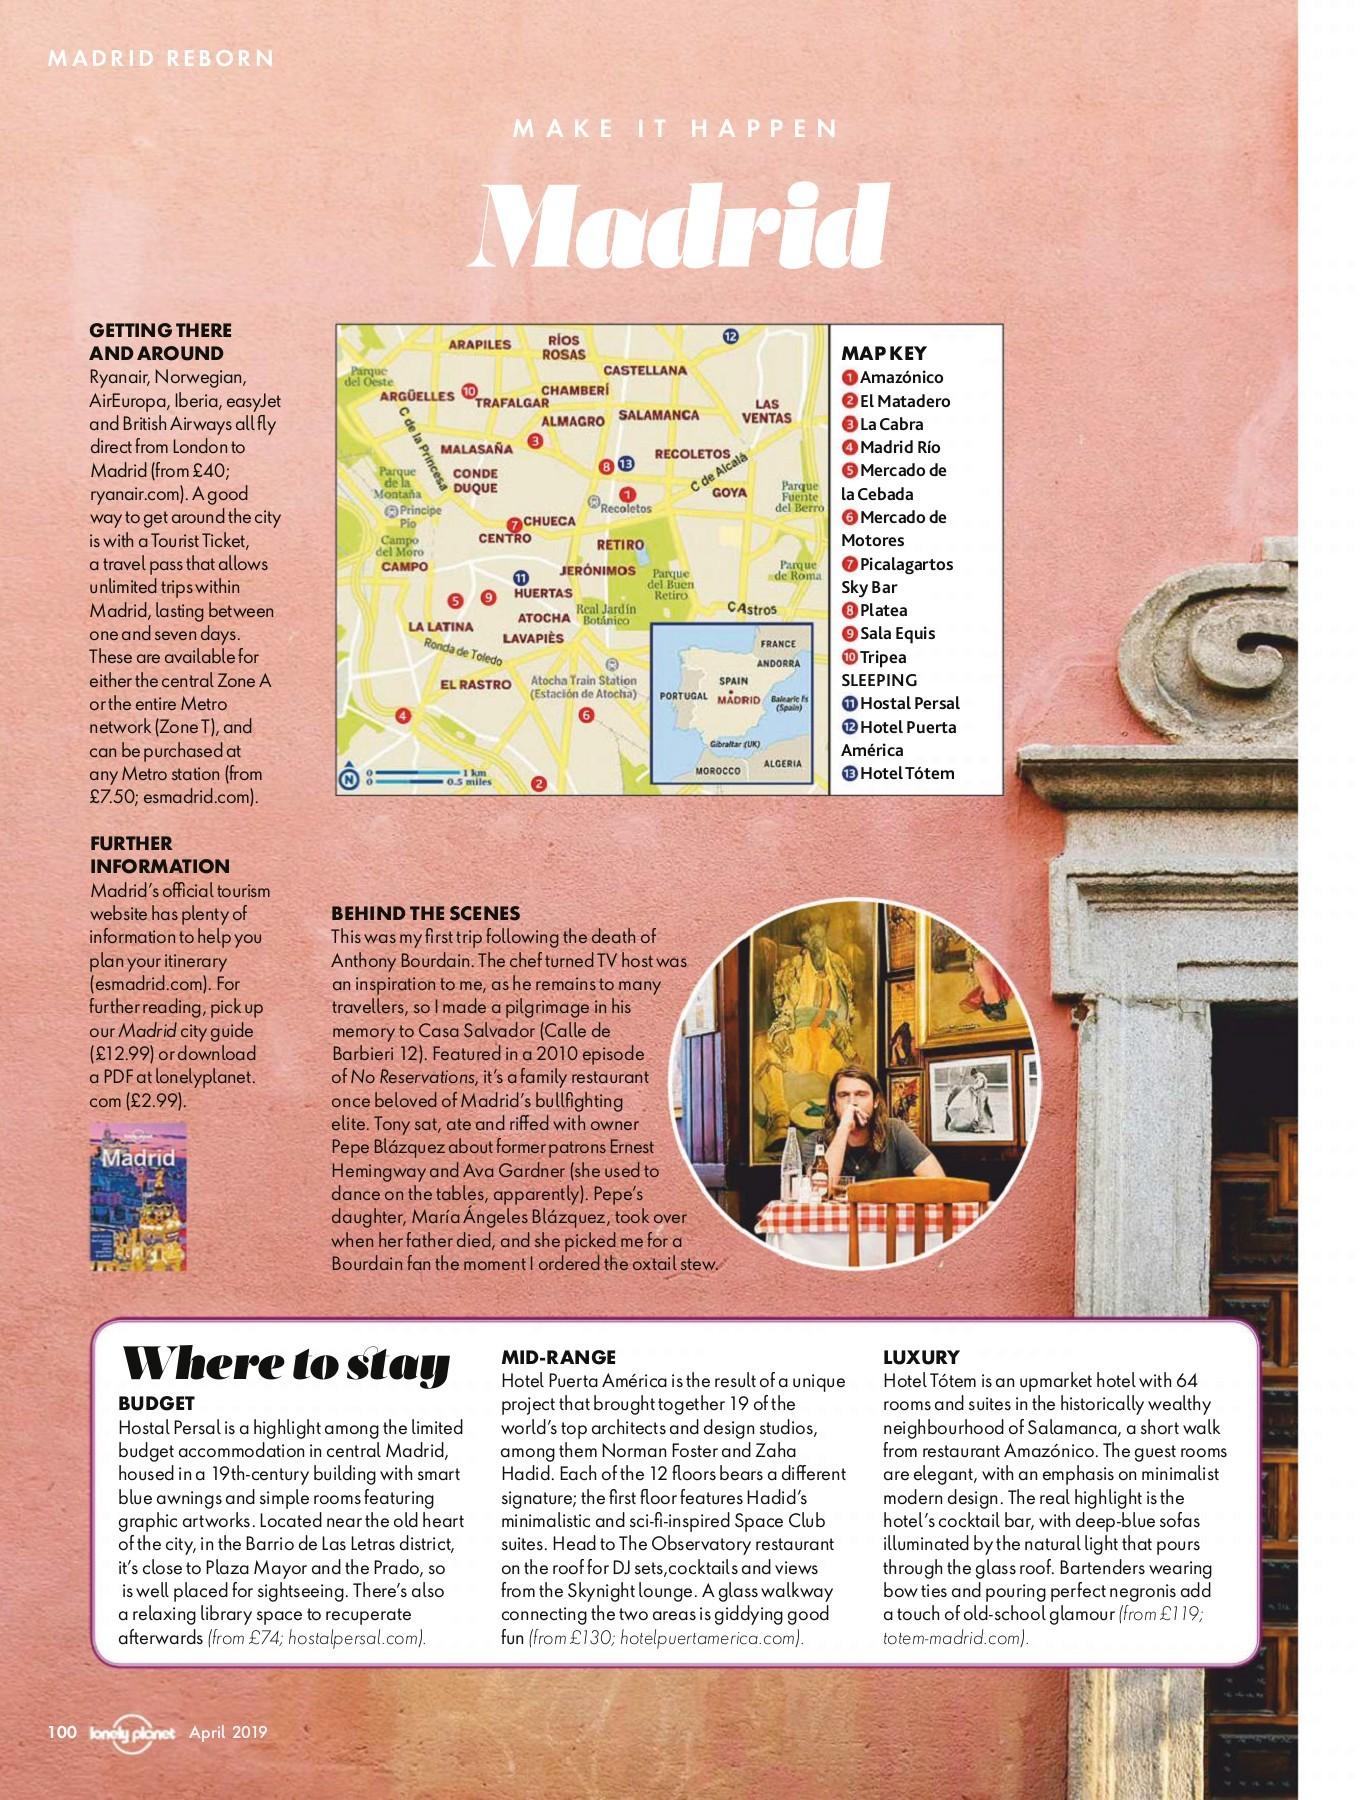 Jardin Colombie Charmant Lonely Planet Traveller Apr 2019 Pages 101 131 Text Of 80 Élégant Jardin Colombie